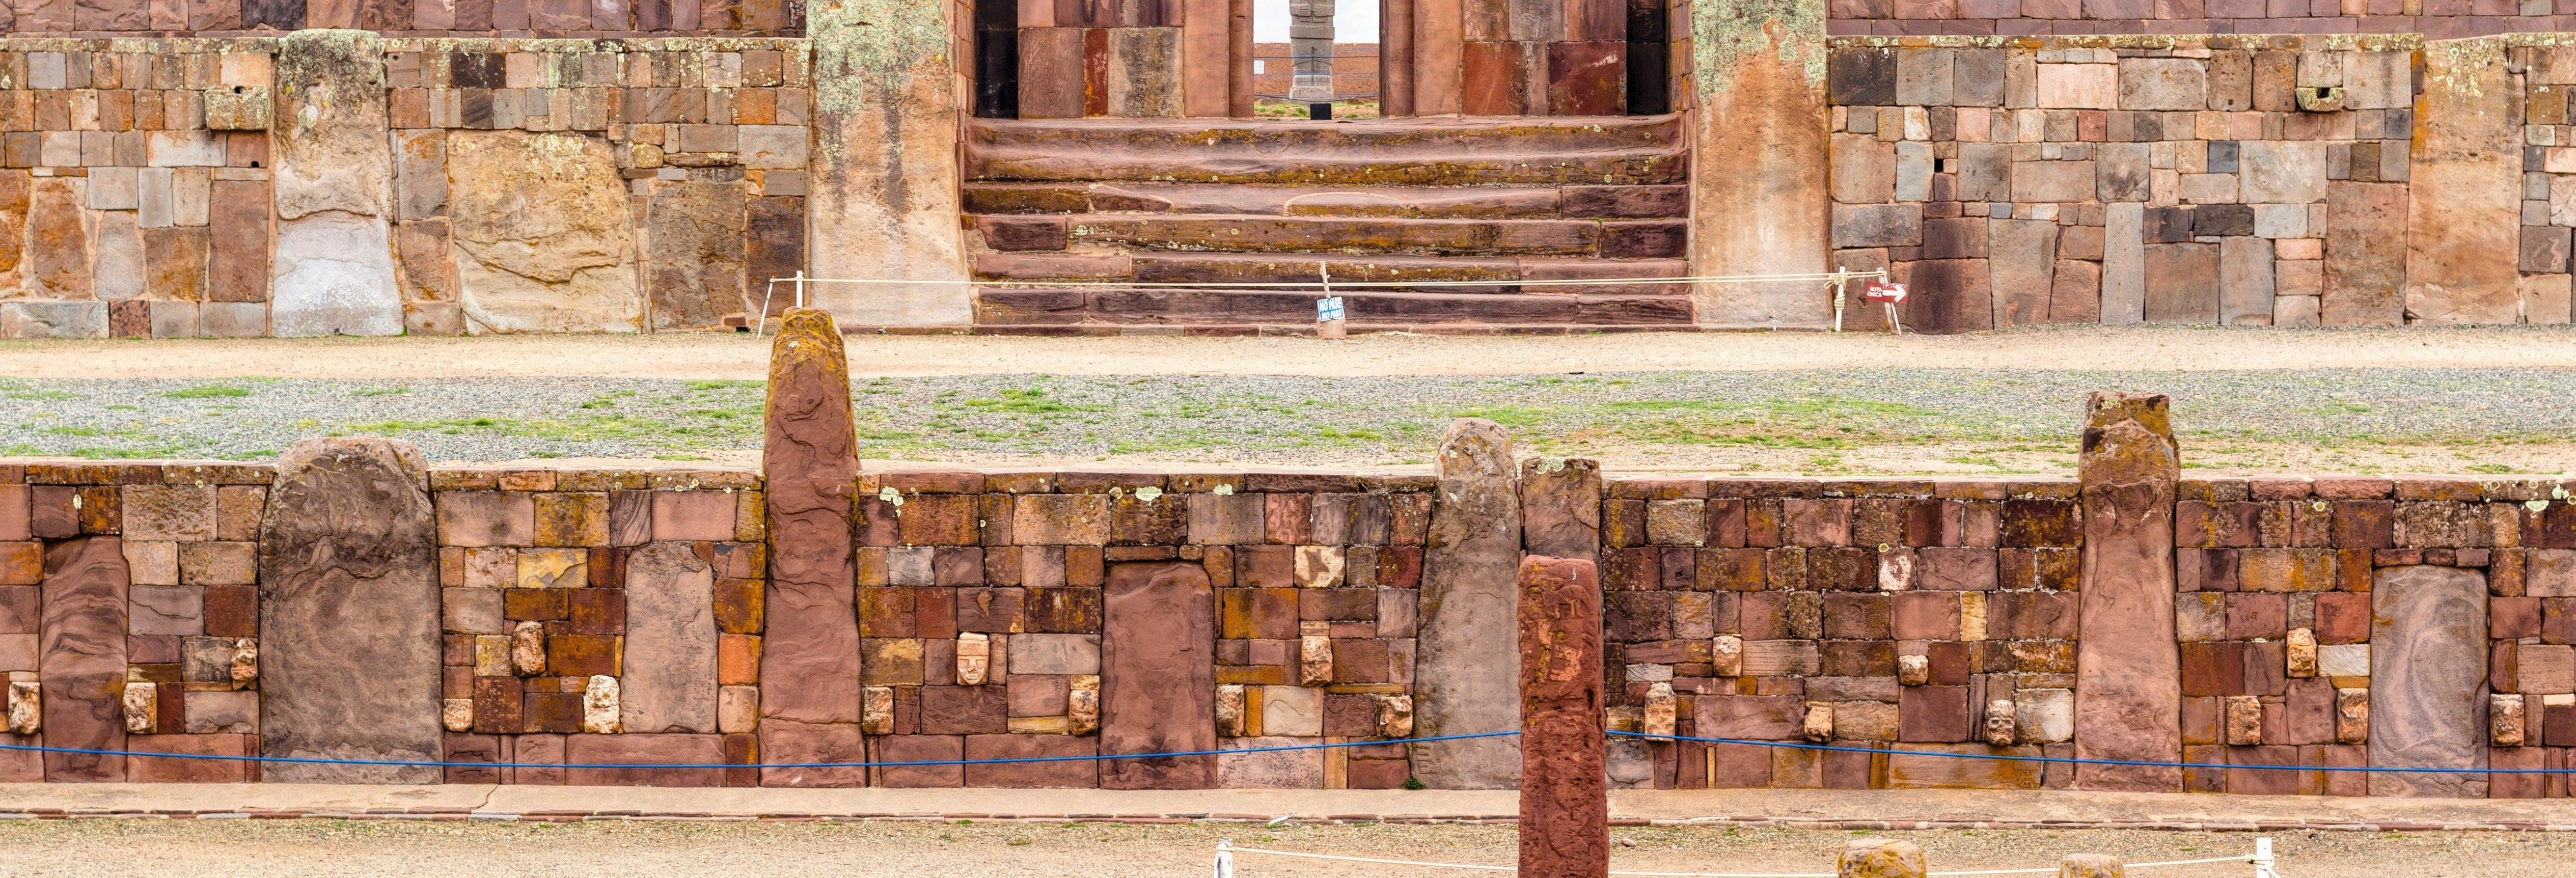 Excursão a Tiwanaku